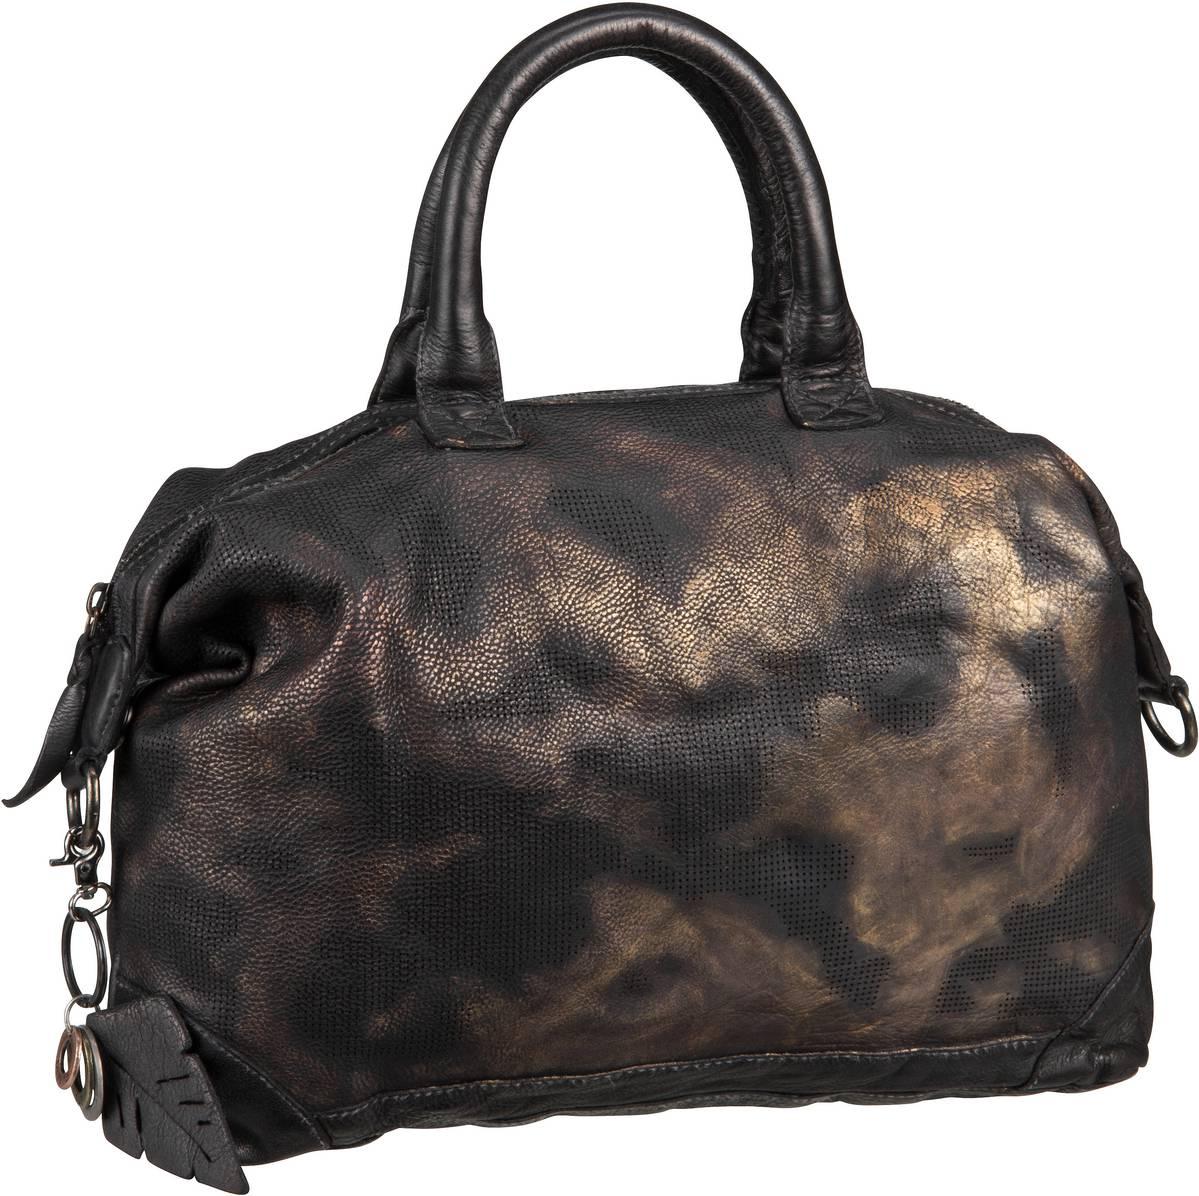 Legend Cagli Black - Handtasche